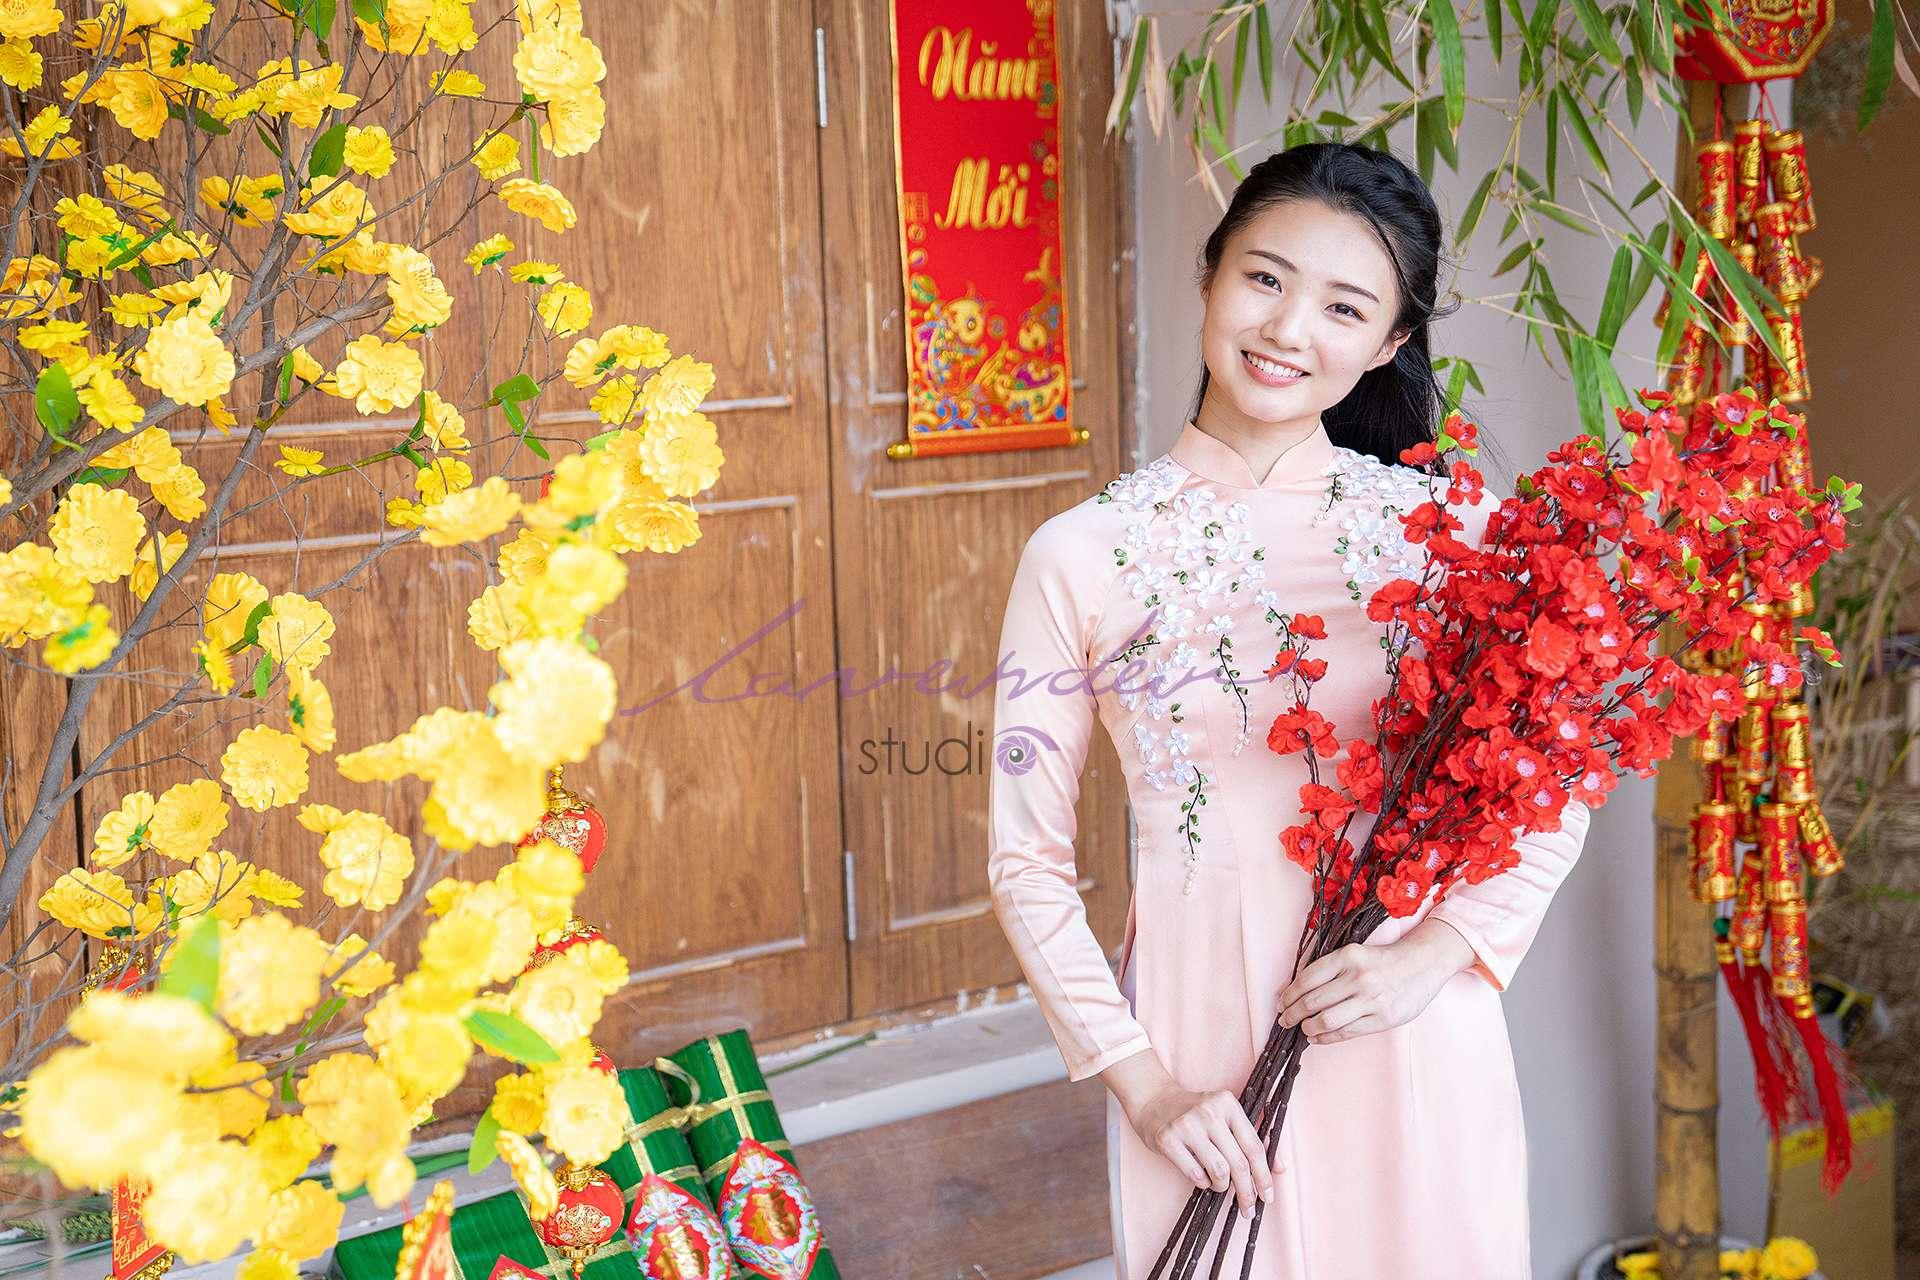 studio chụp hình áo dài Tết đẹp ở Sài gòn